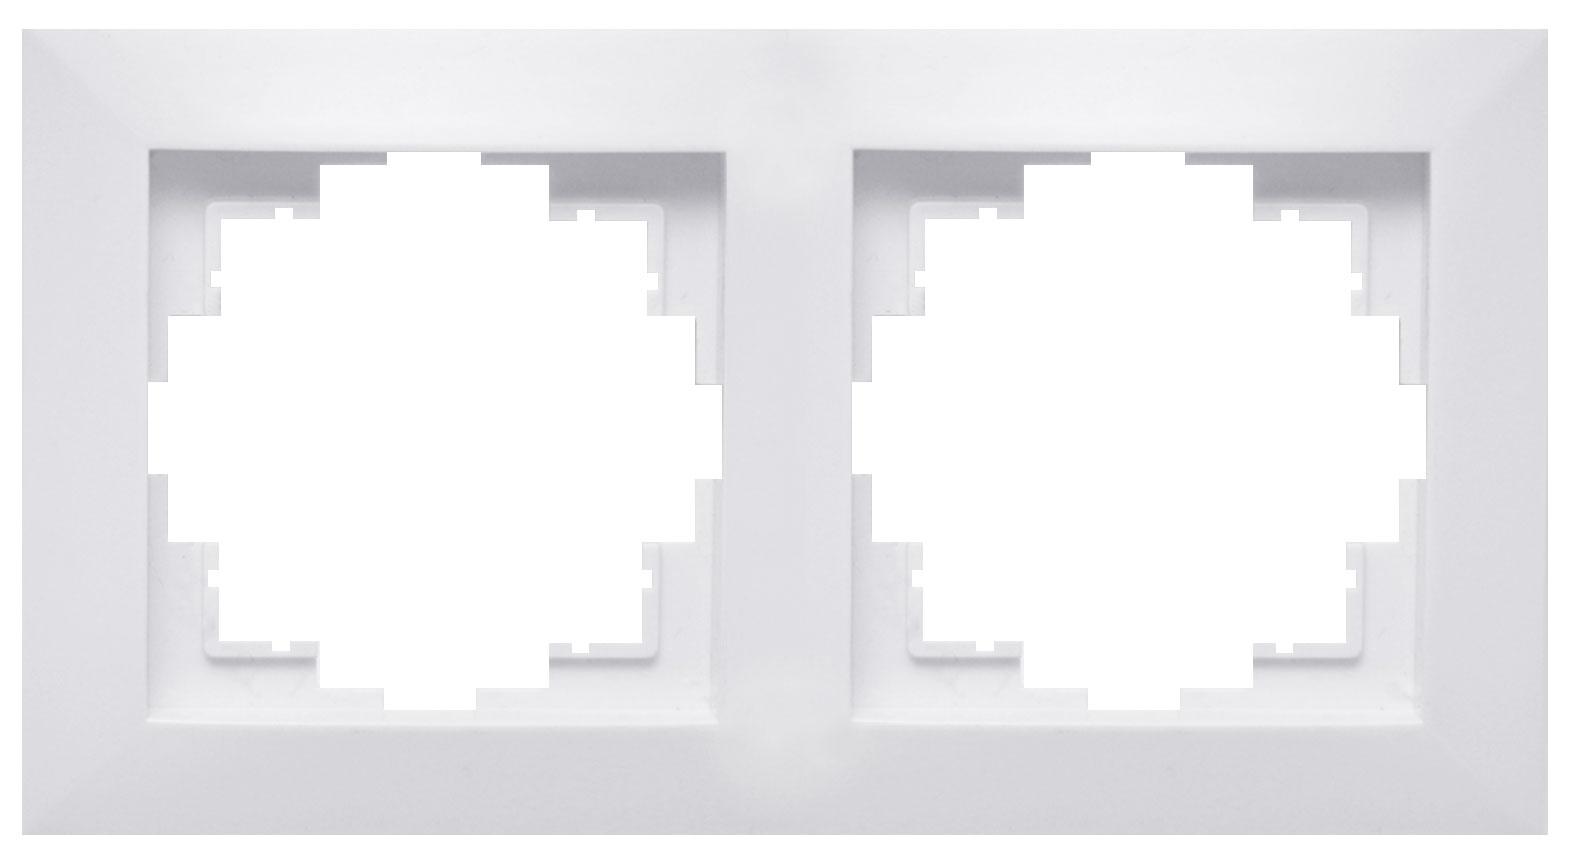 Schalter-Steckdose-Wechselschalter-Wandschalter-Rolladen-Glas-Eindeckrahmen